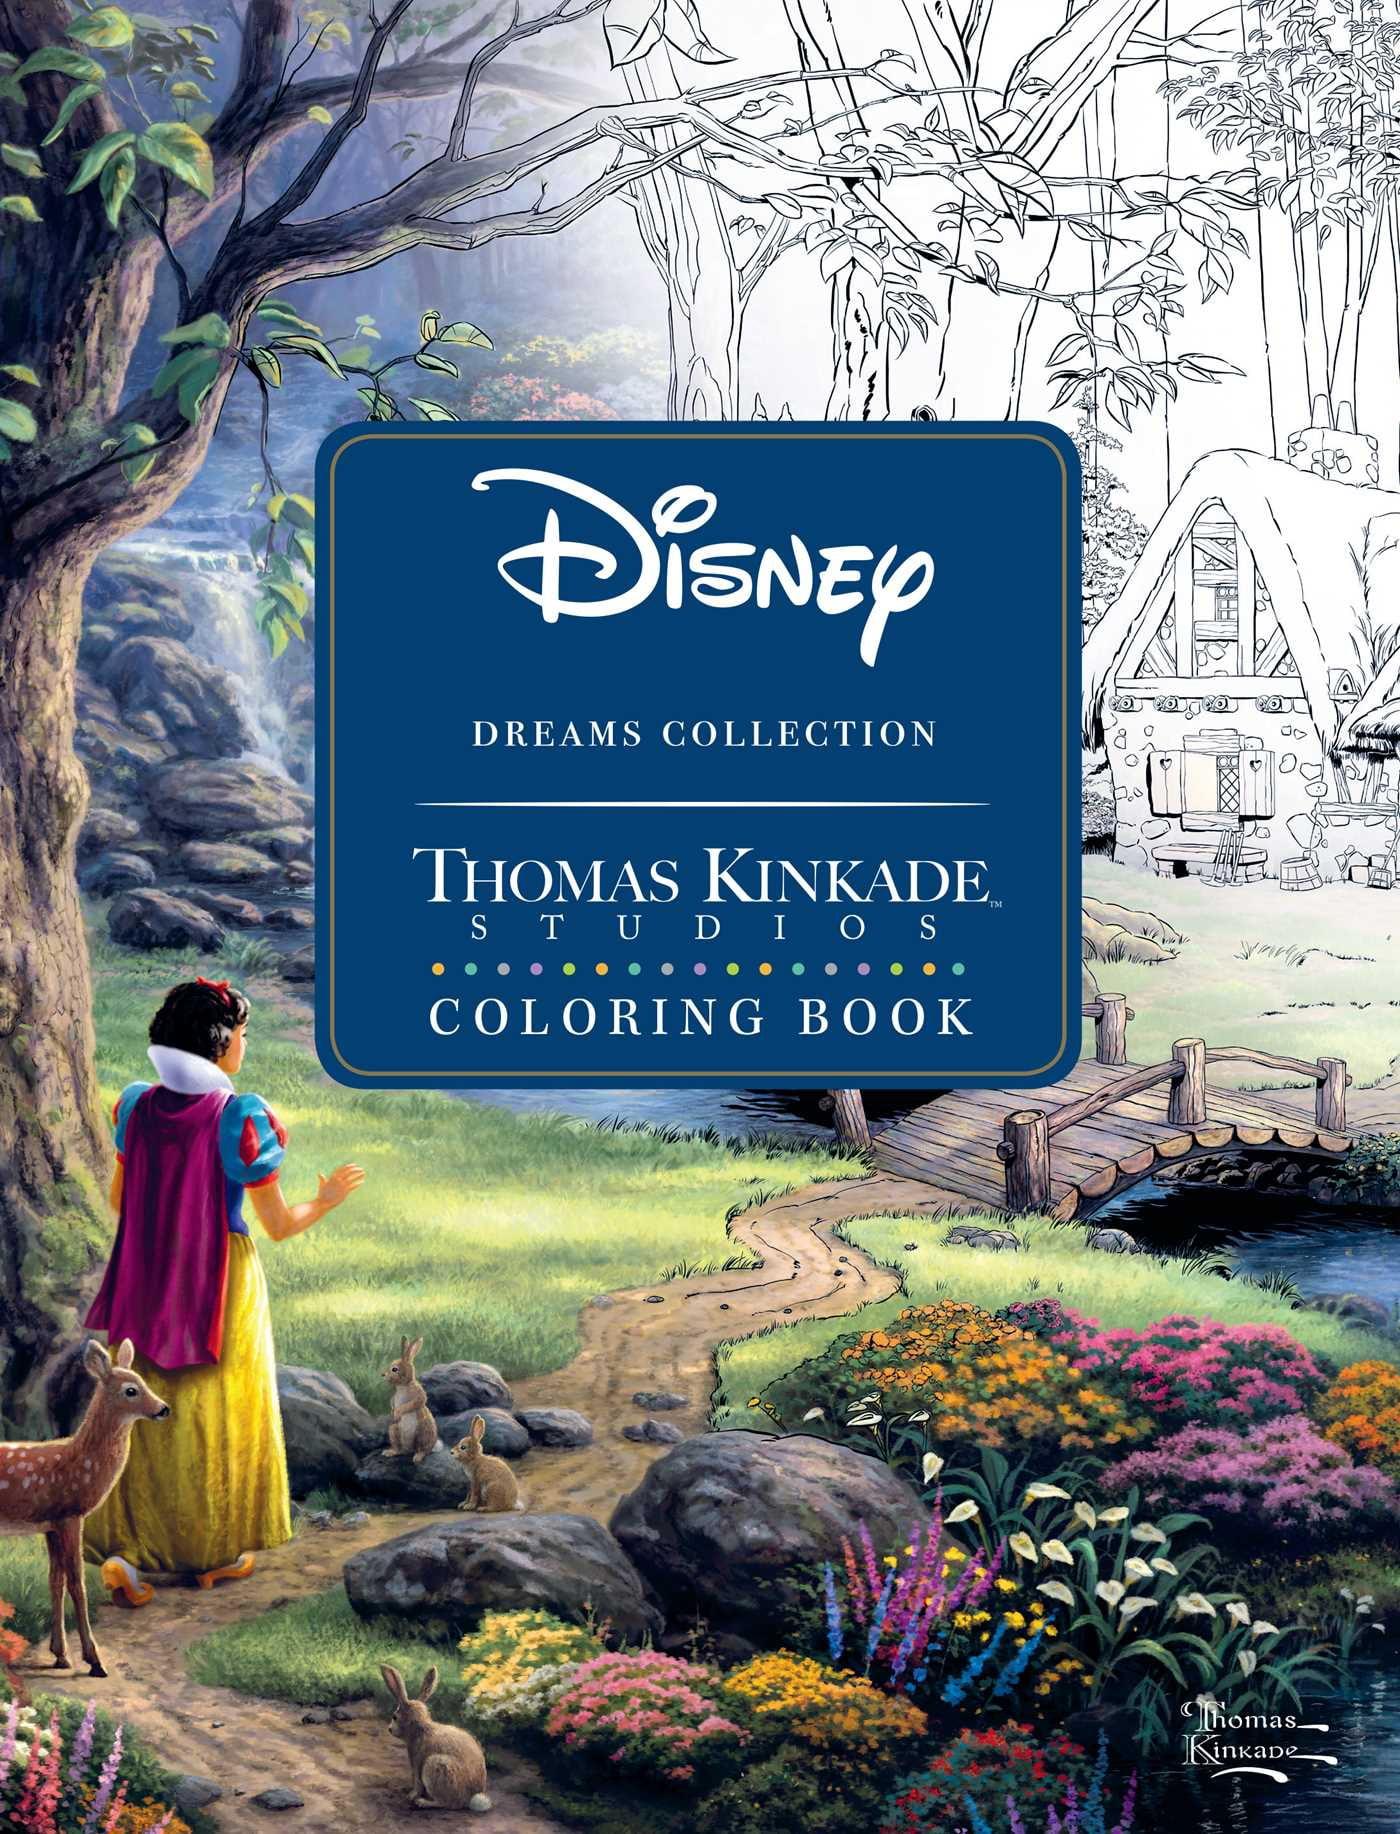 - Disney Dreams Collection Thomas Kinkade Studios Coloring Book